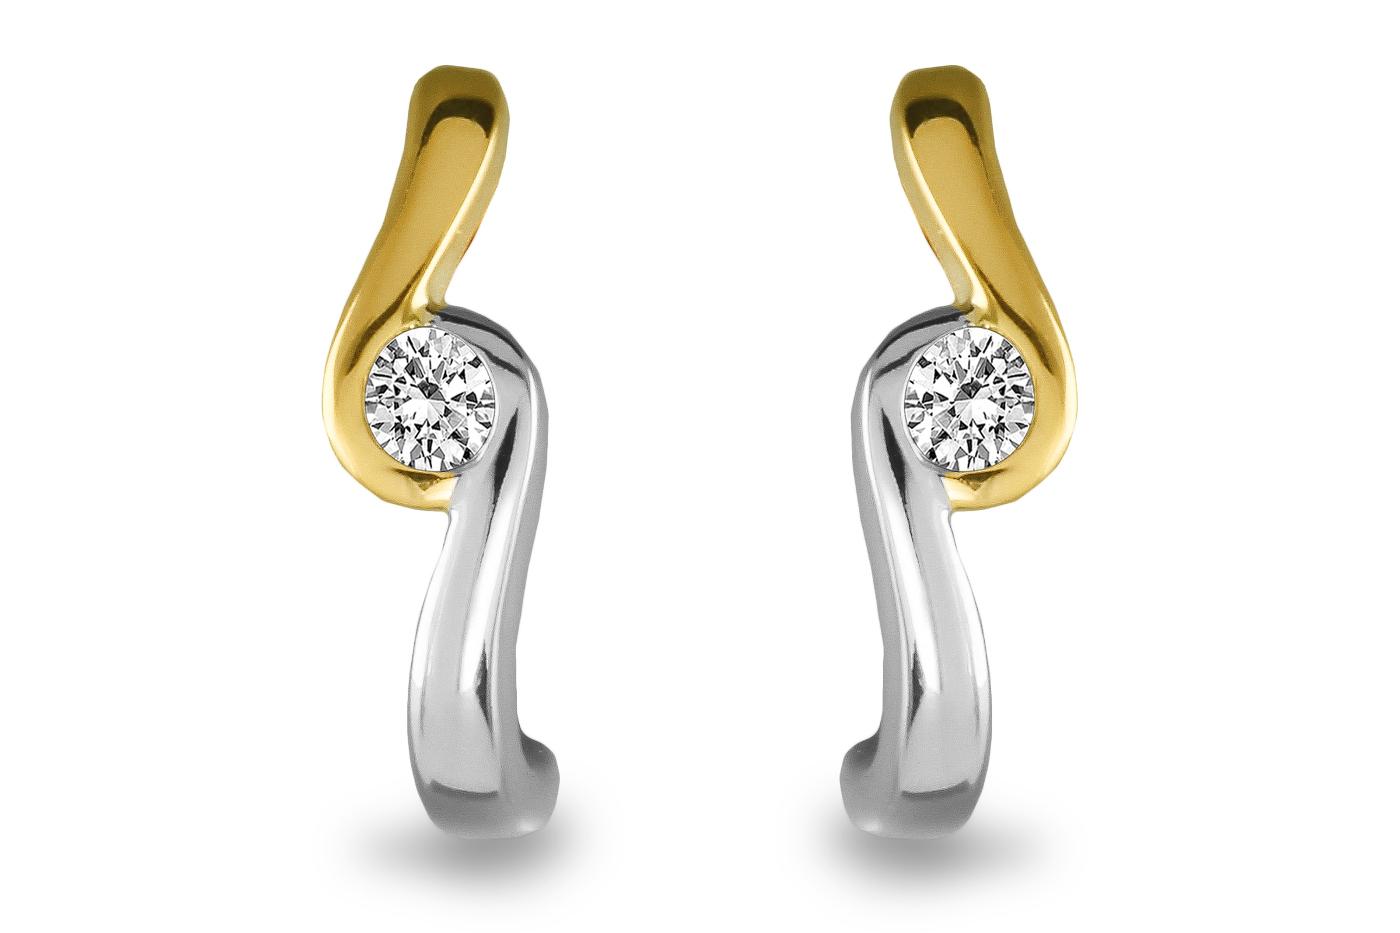 Gouden bicolor oorknoppen SOL-M930-010-G2